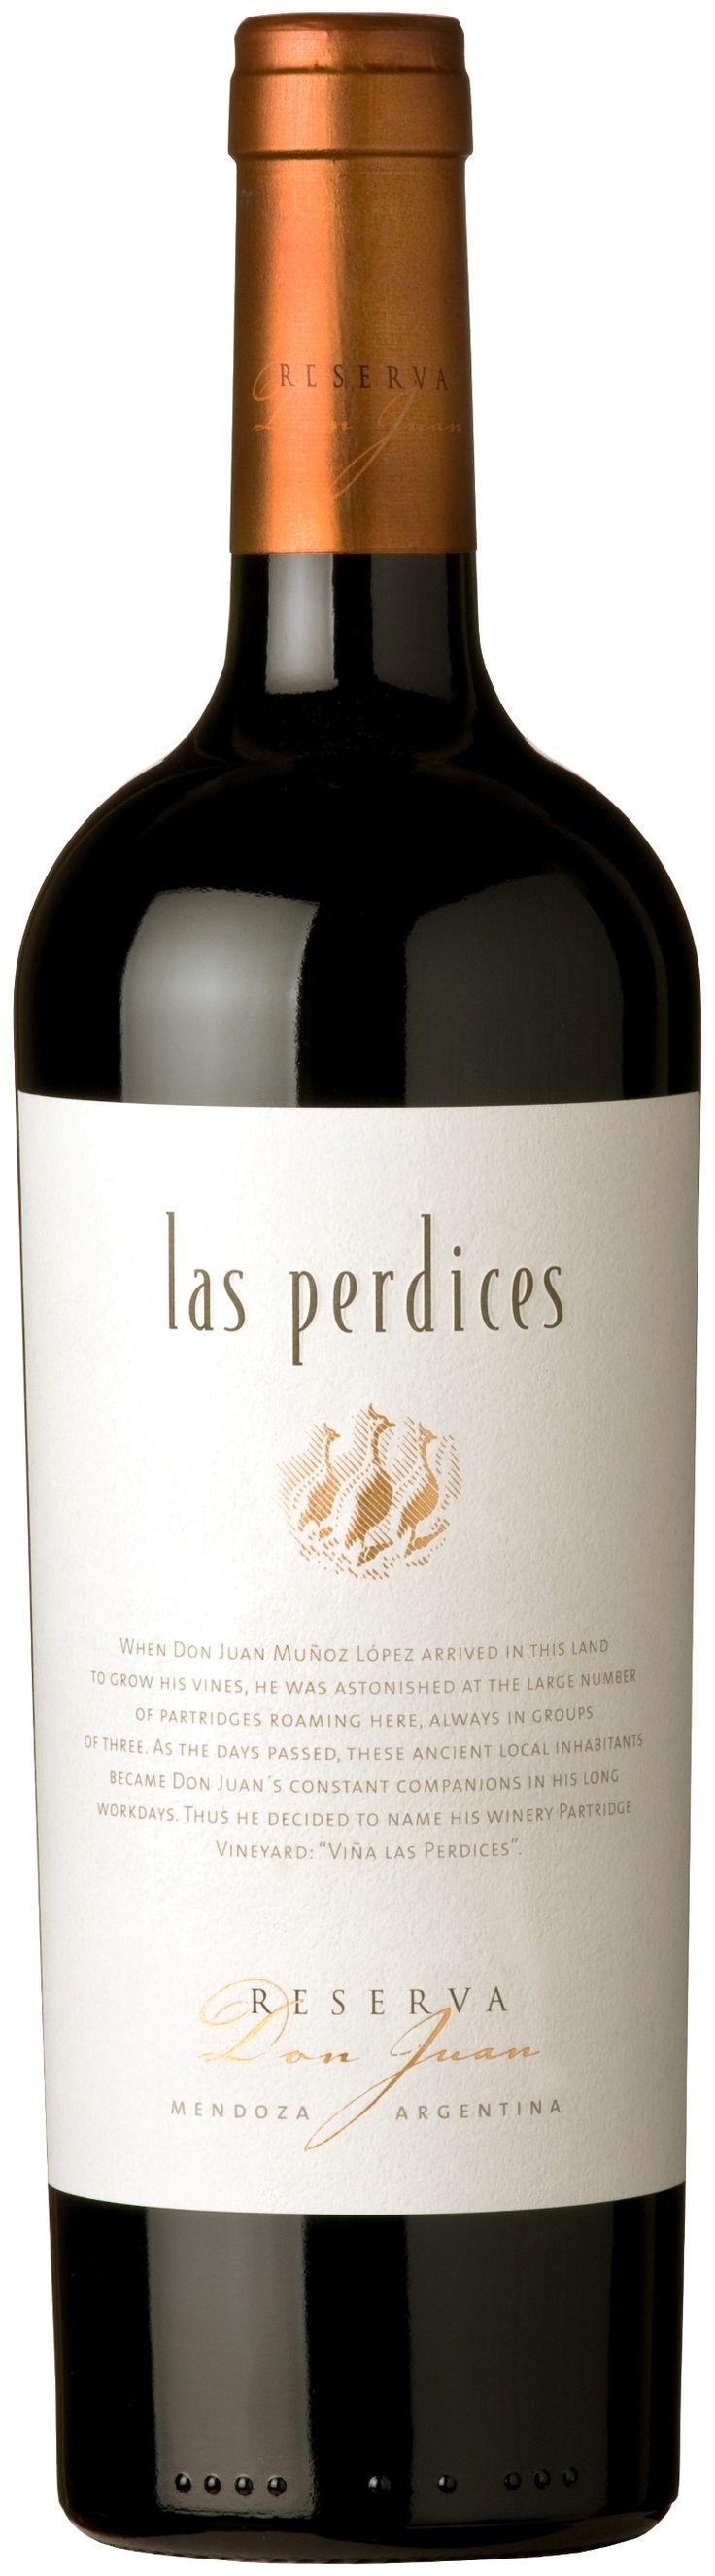 """""""Reserva Don Juan"""" Malbec 70% / Syrah 11% / Bonarda 10% / Merlot 9% 2010 - Bodega Viña Las Perdices, Luján de Cuyo, Mendoza---------------------- Terroir: Agrelo-------------------------- Crianza: 18 meses en barricas nuevas de roble francés (50%) y americano (50%)"""